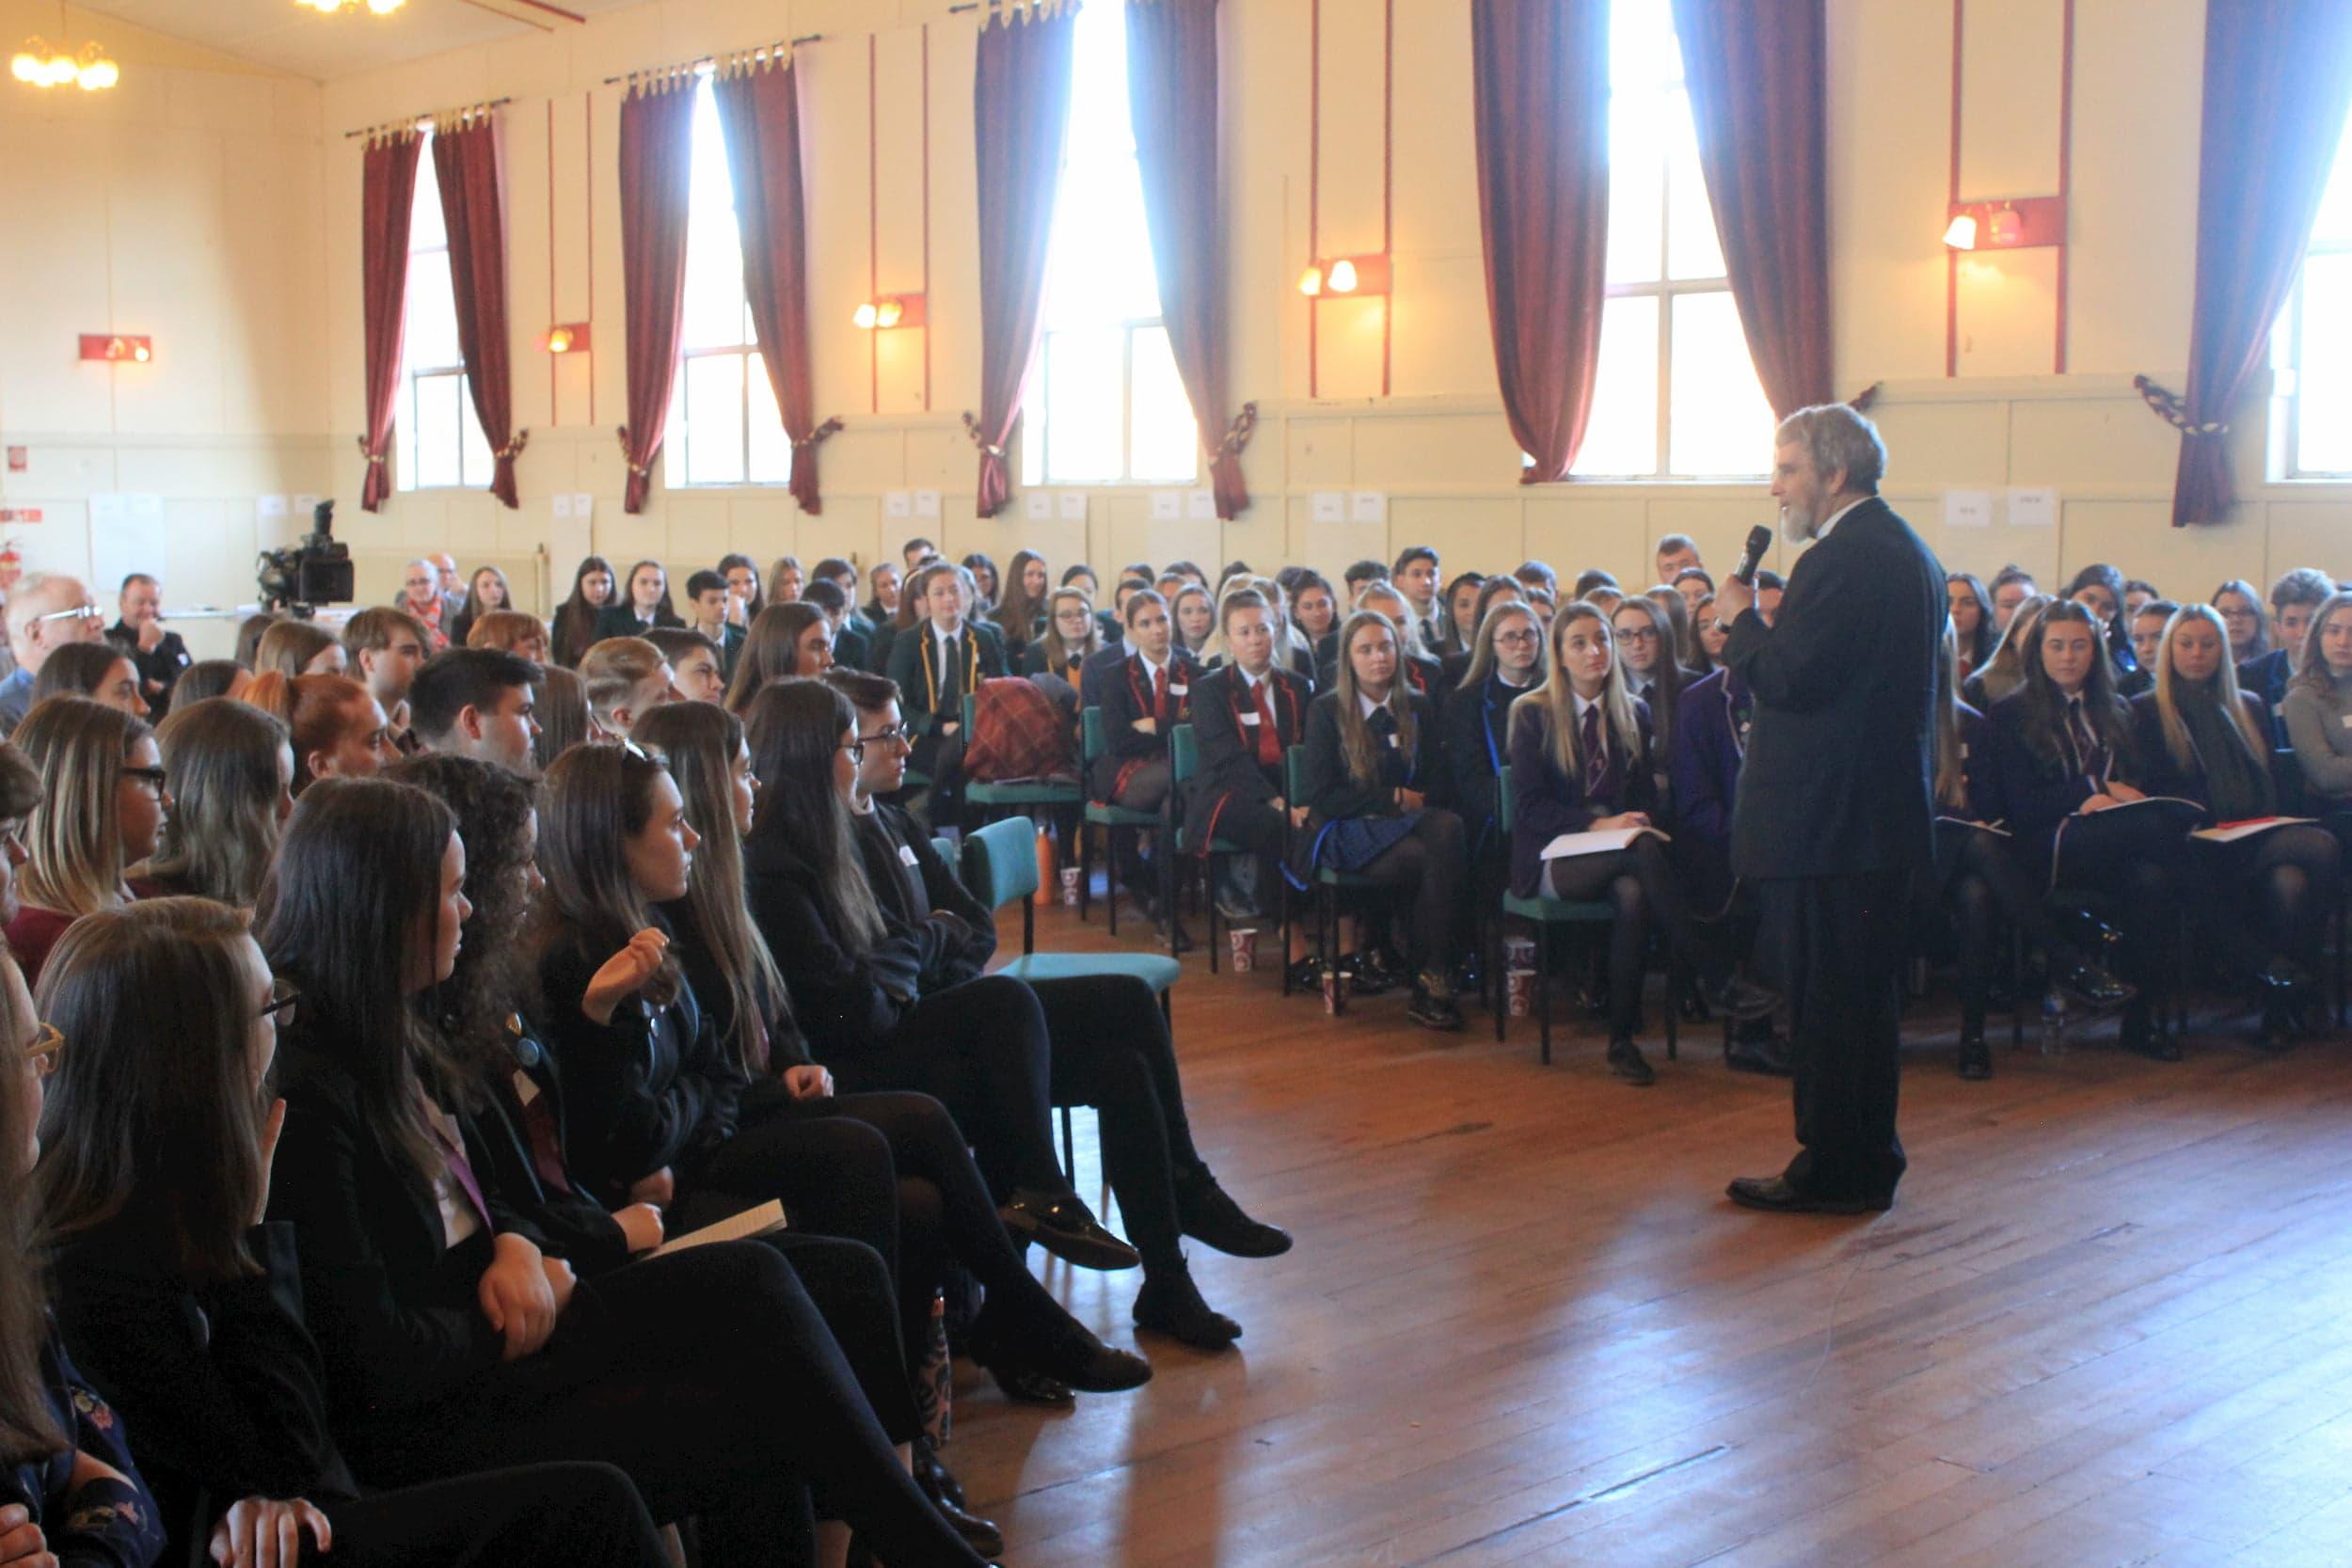 Br. Guy J. Consolmagno, S.J. Visiting School in Scotland